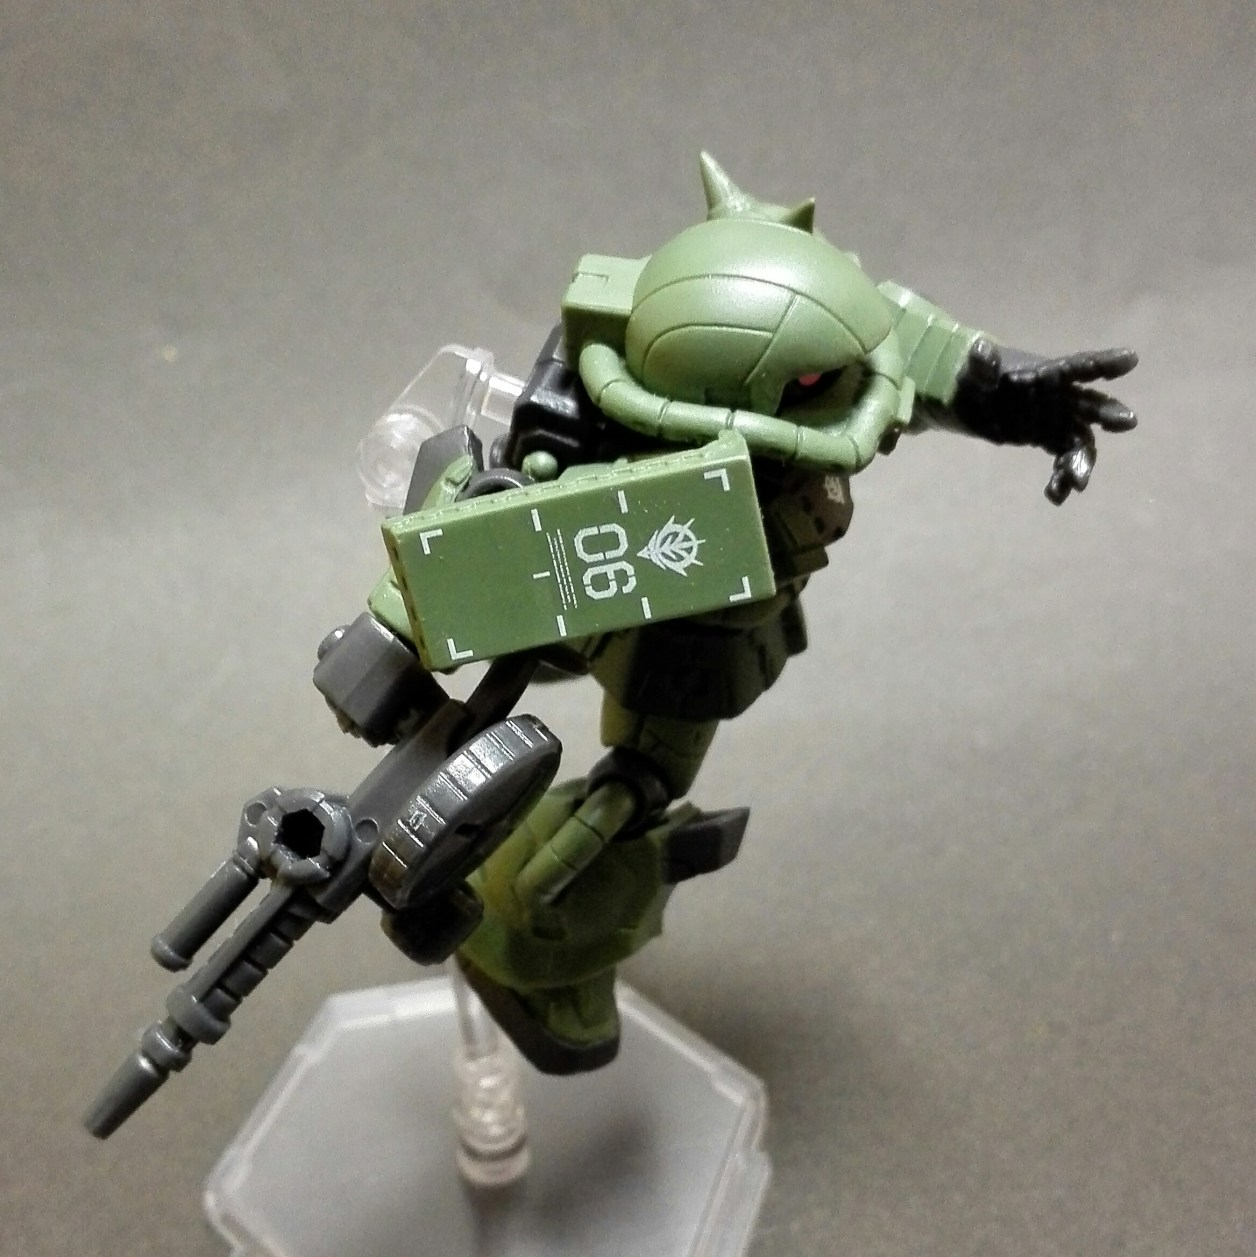 mobile suit ensemble(モビルスーツアンサンブル)1.5弾のザク(マーキングプラス)のザク・マシンガンを装備した画像